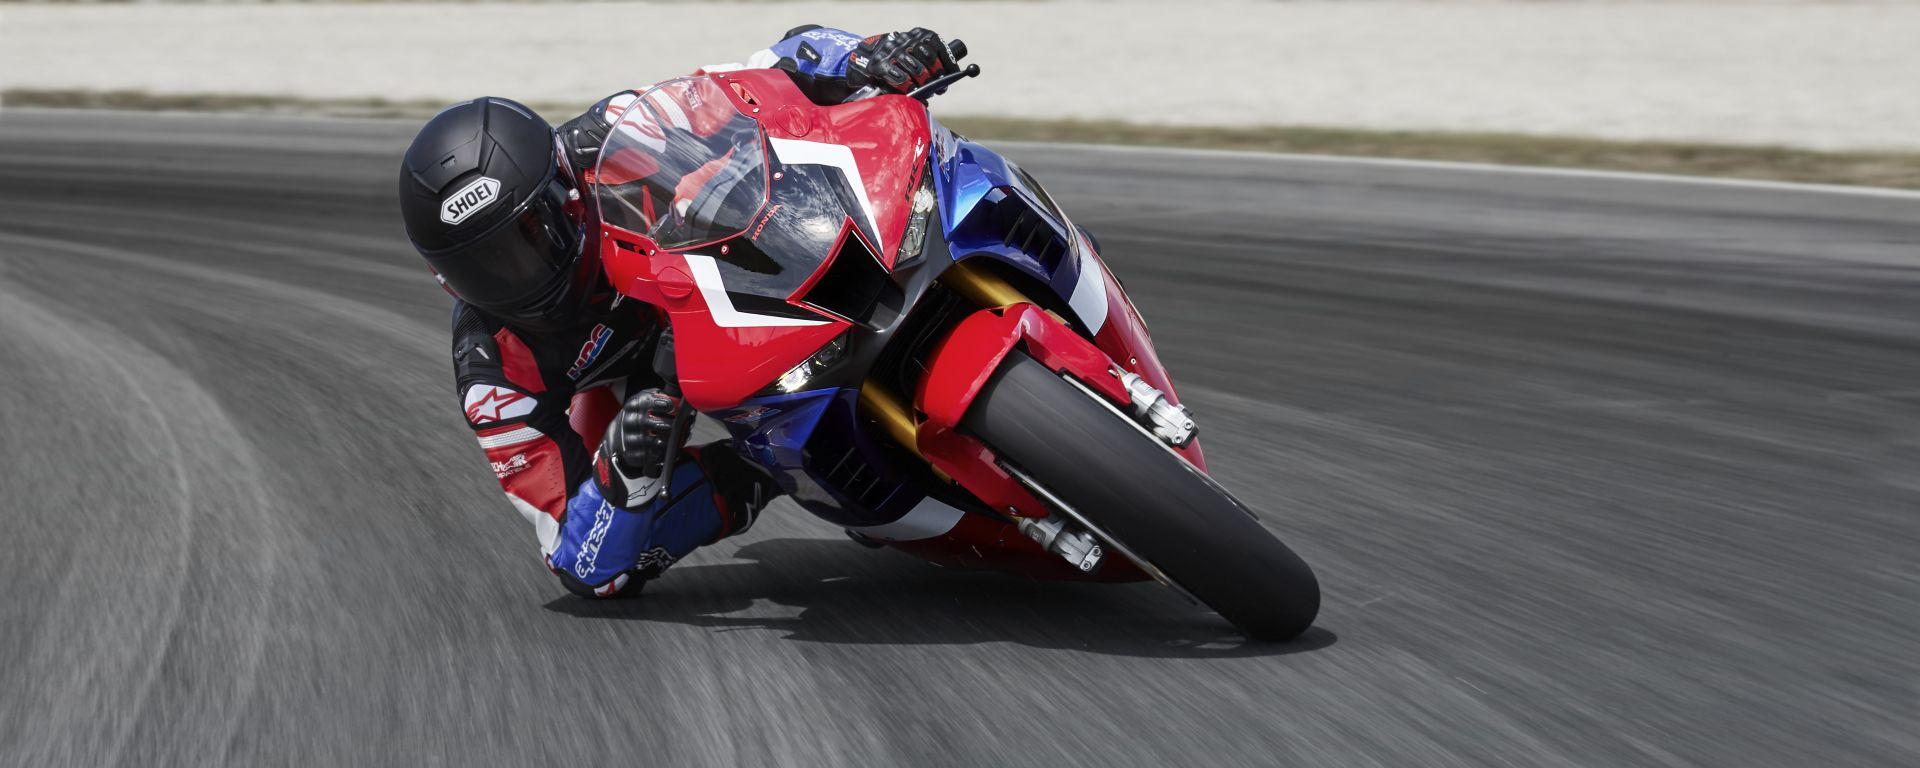 Honda CBR1000RR-R Fireblade in pista